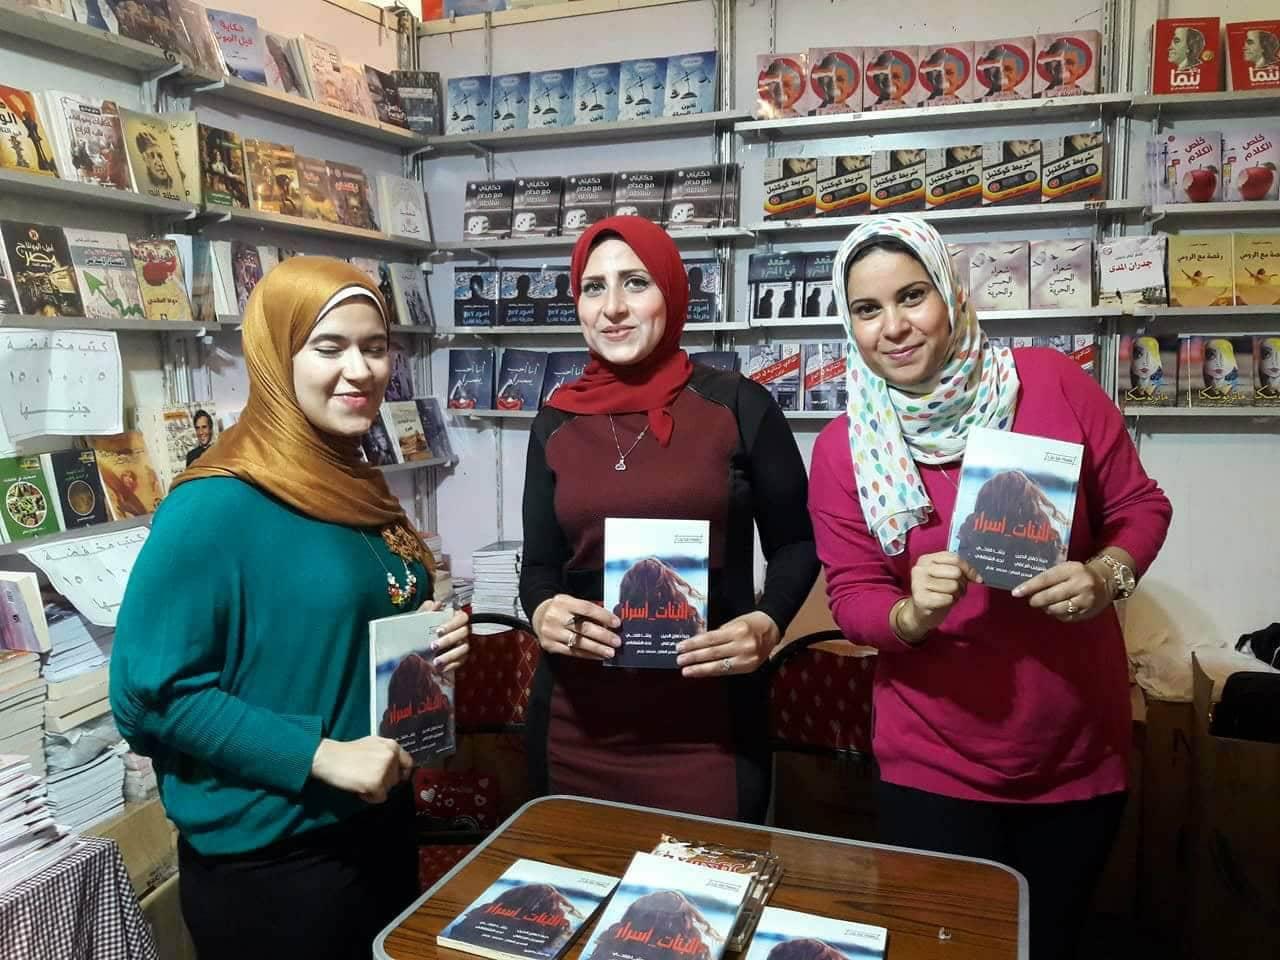 رشا فتحى توقع كتاب البنات أسرار بمعرض القاهرة للكتاب (6)